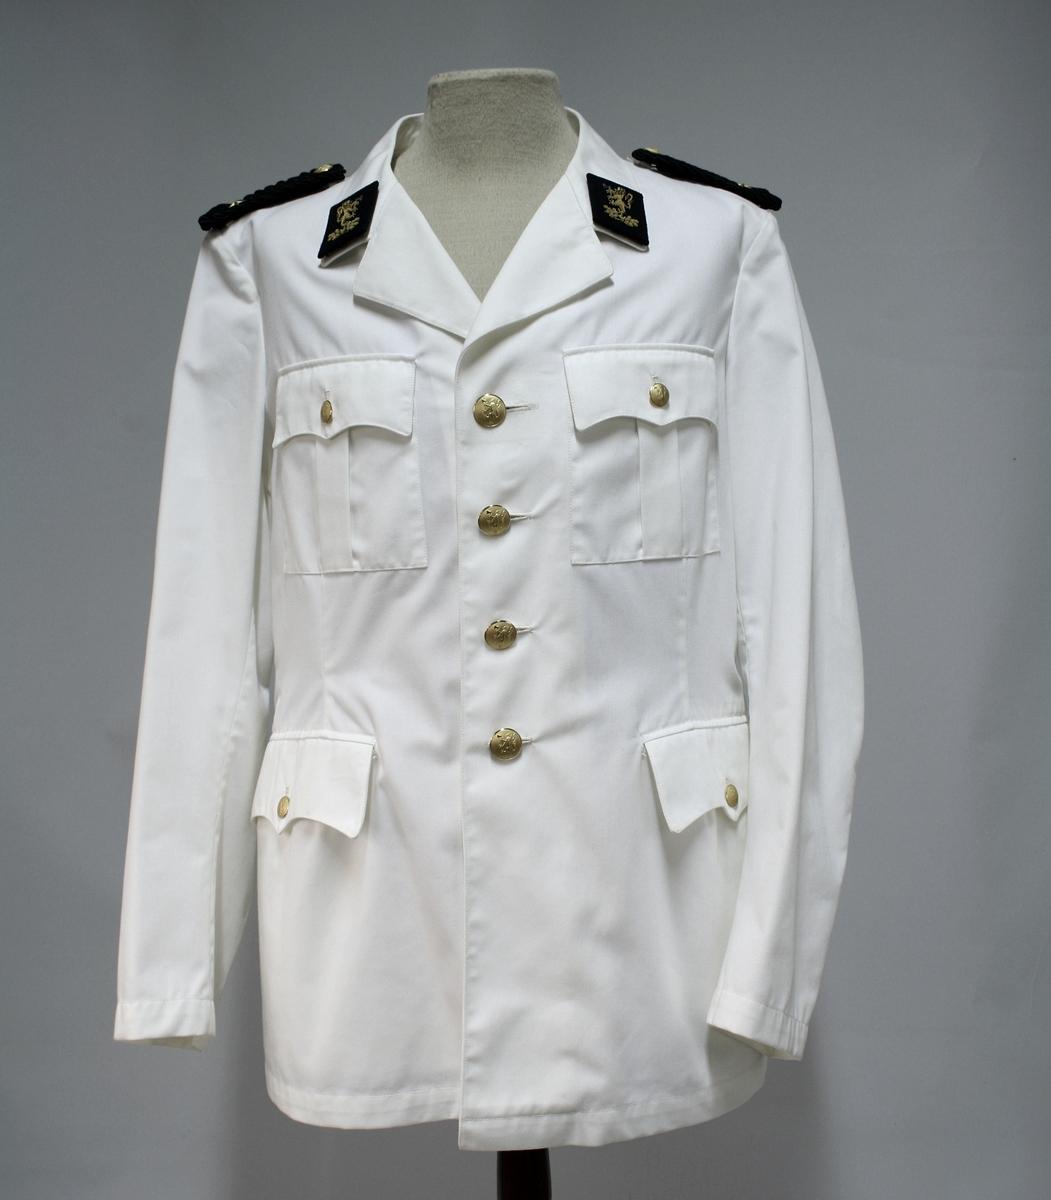 Hvit jakke med fire riksløveknapper, fire ytterlommer, og kragespeil av broderte riksløver. Skulderdistinksjoner av sorte fletter med en stjerne.